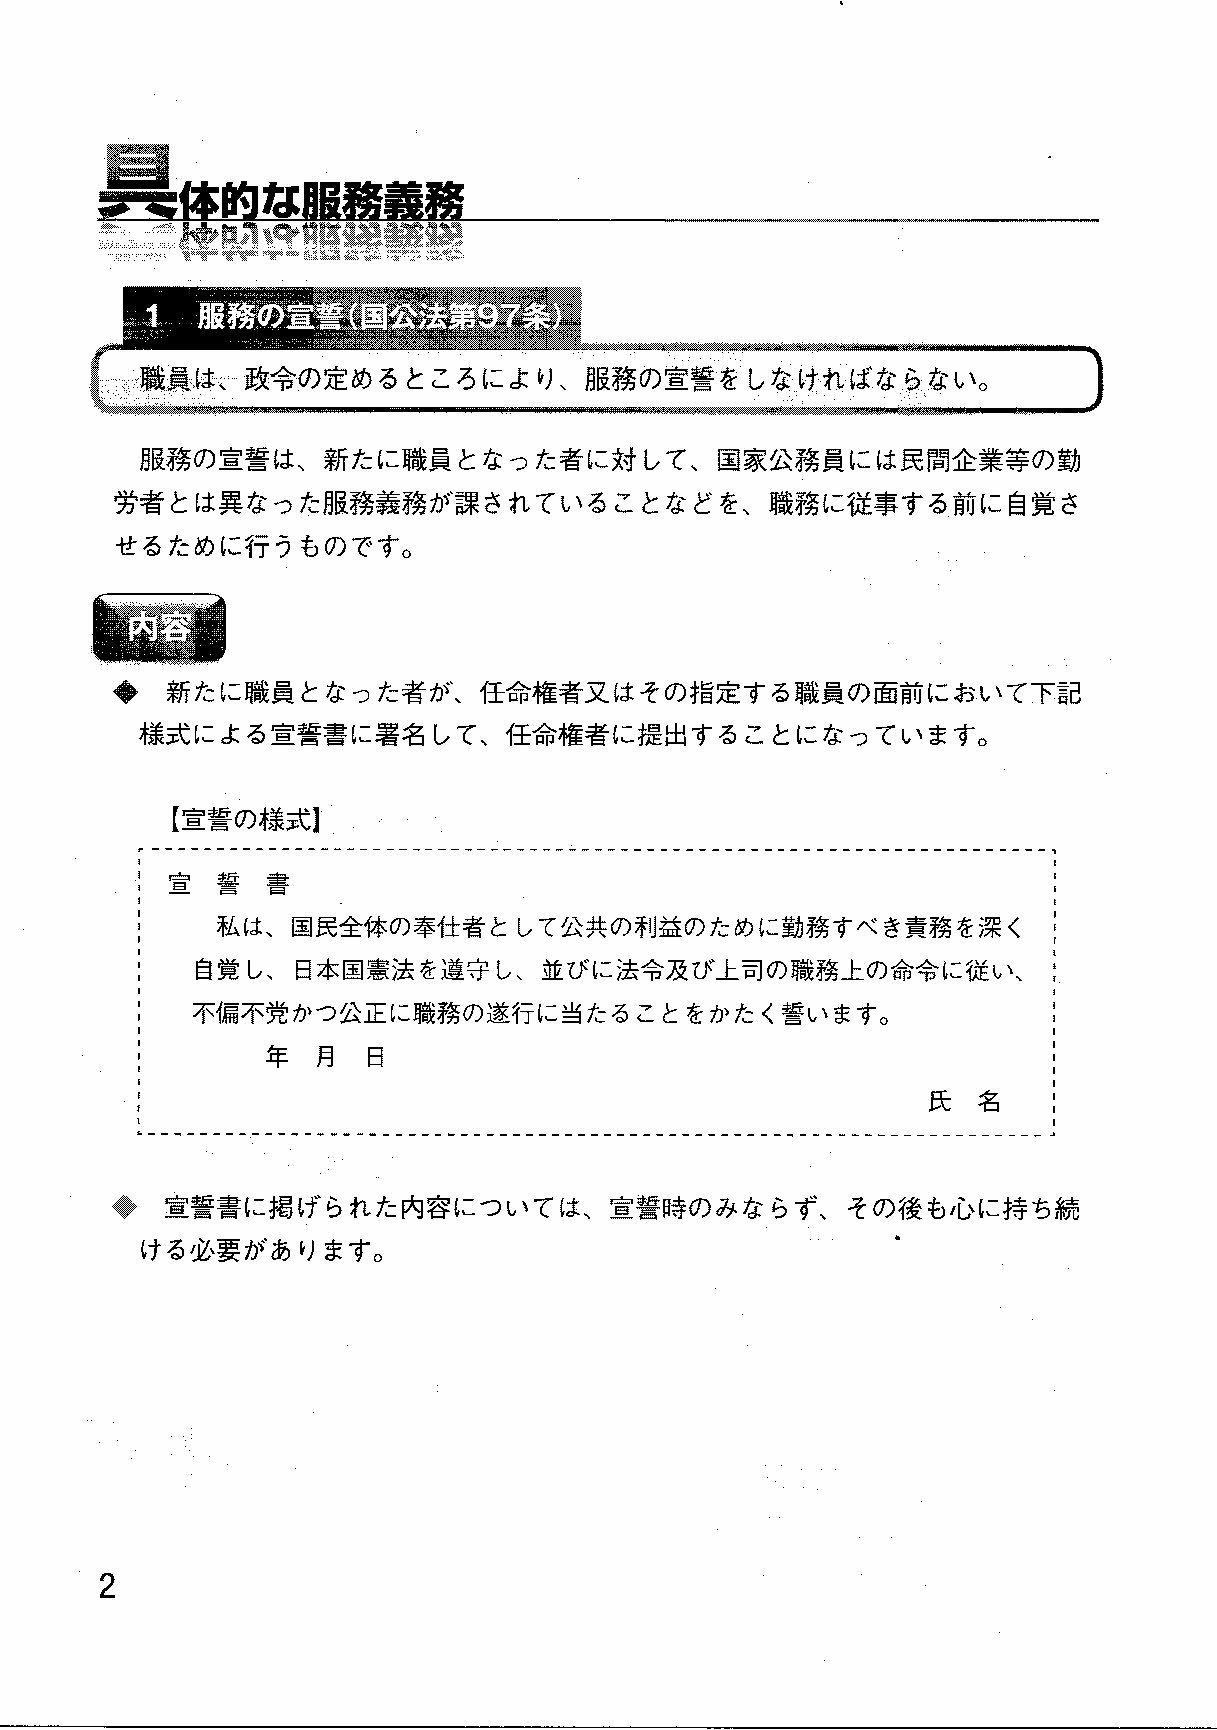 服務規程 :宅地建物取引士 横山修一 [マイベストプロ茨城]